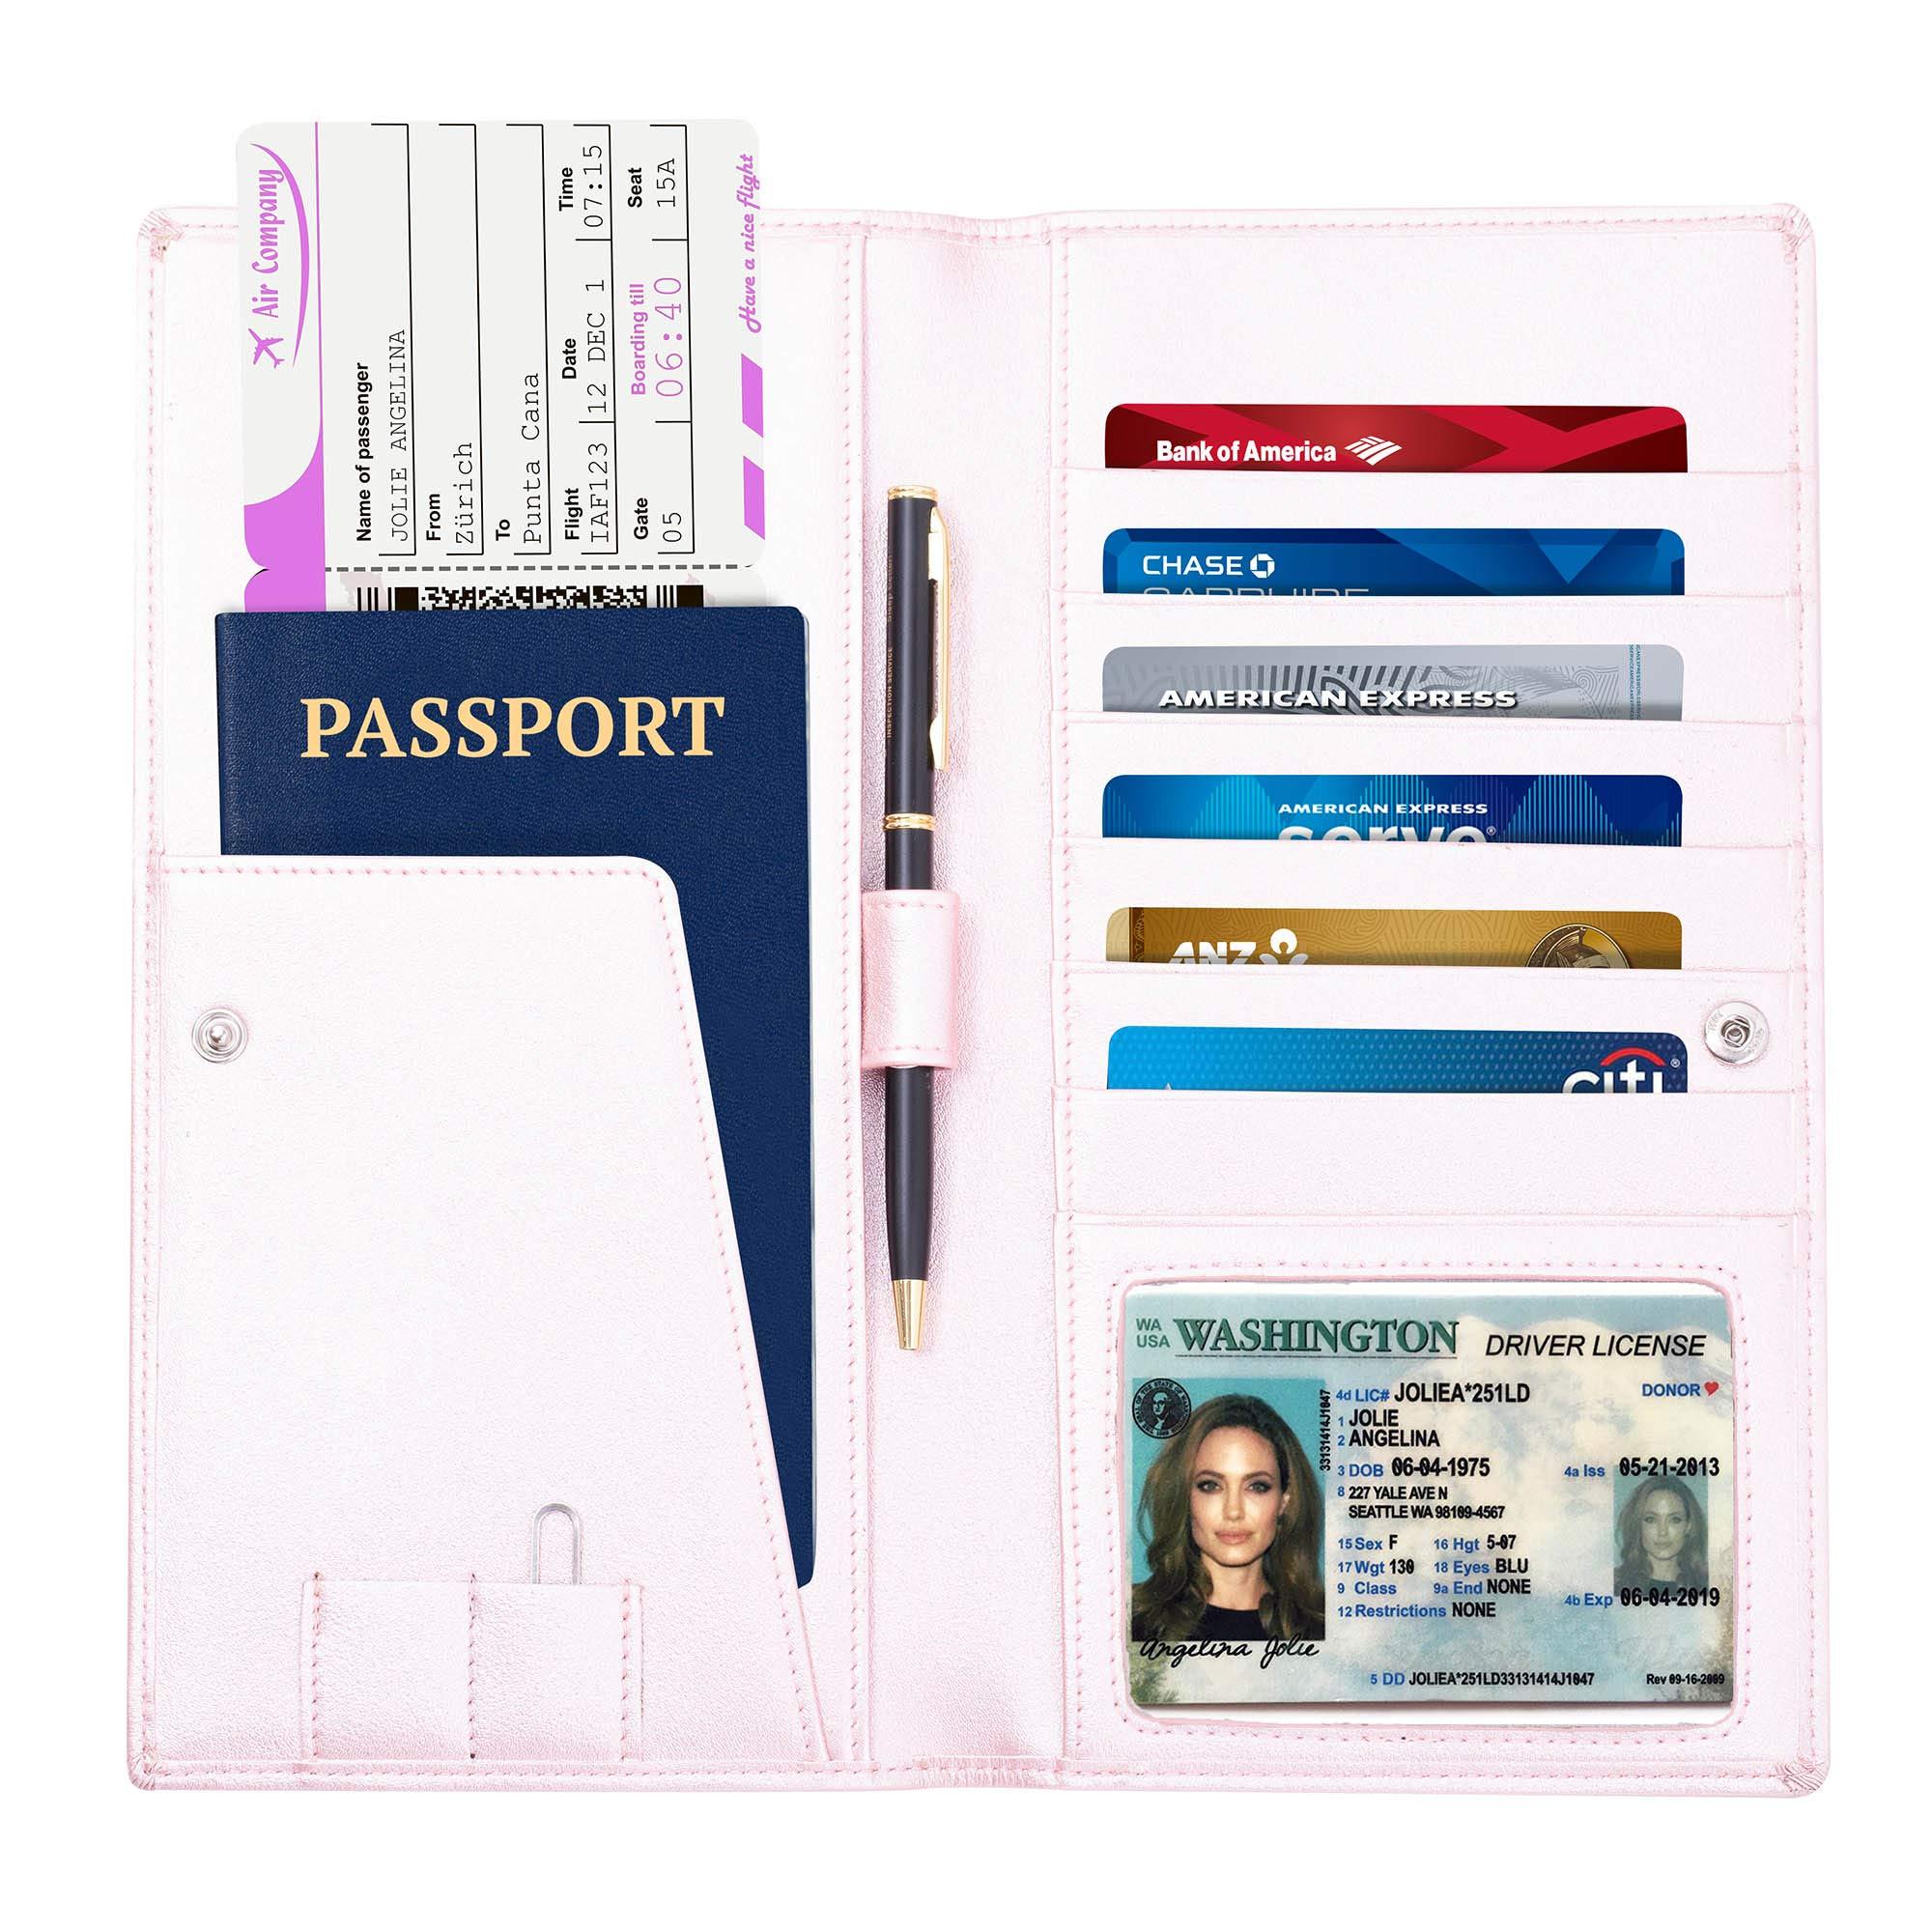 旅行钱包–护照夹–长款皮革钱包和旅行 DOCUMENT 记事本–钱包男式和女式–金钱 tickets 和显示卡记事本–RFID 旅行文件柜–IN A 礼盒